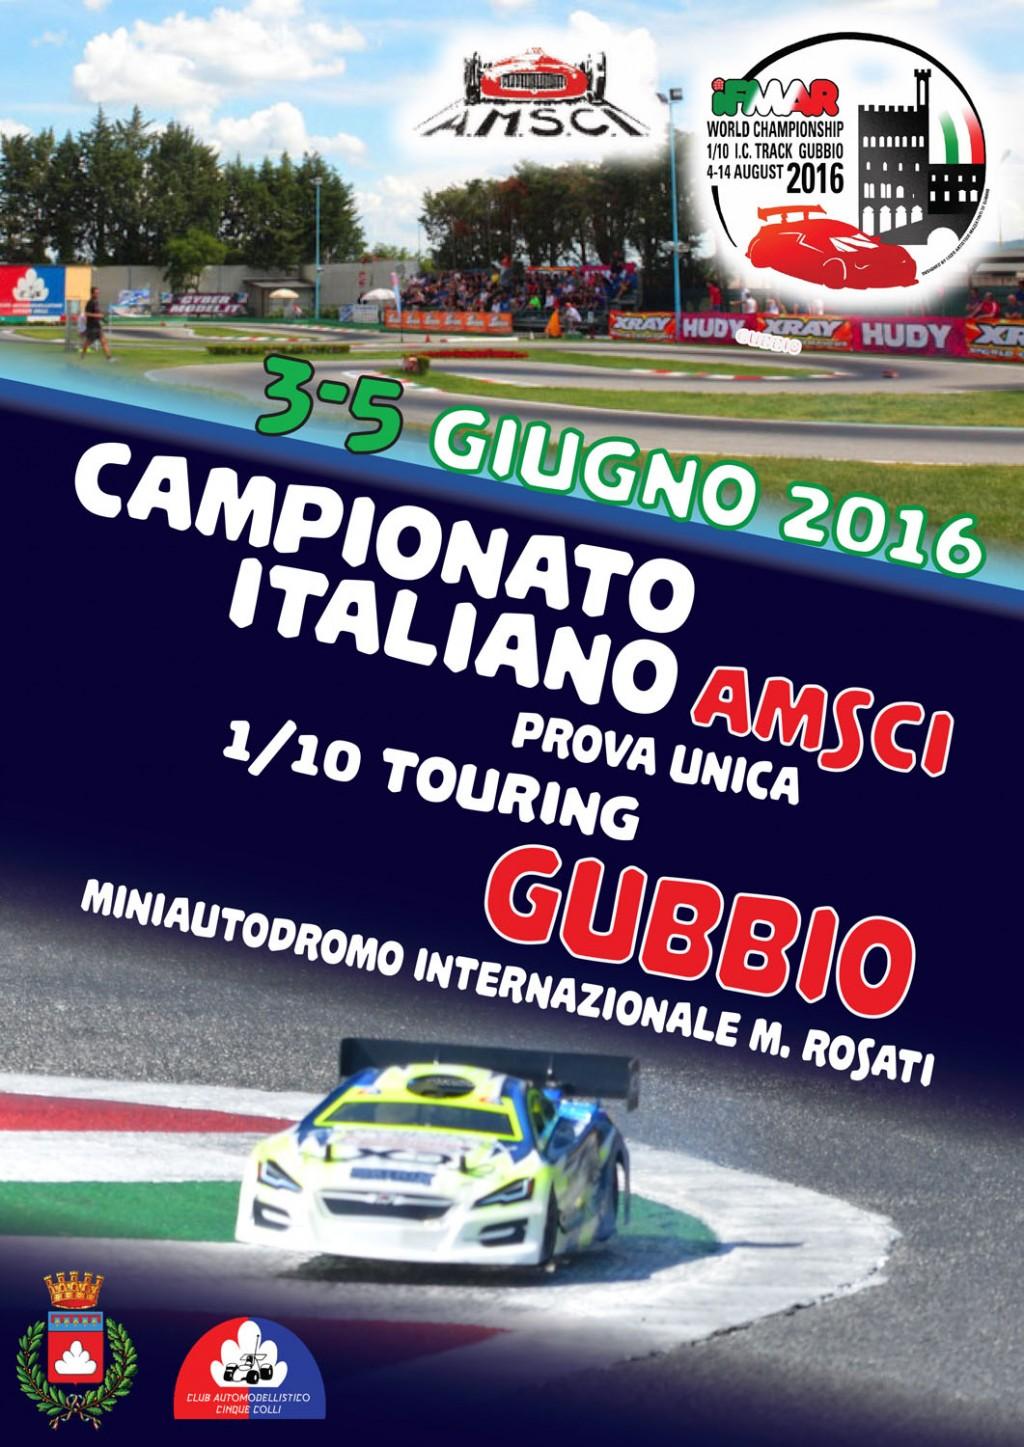 campionato italiano amsci 2016